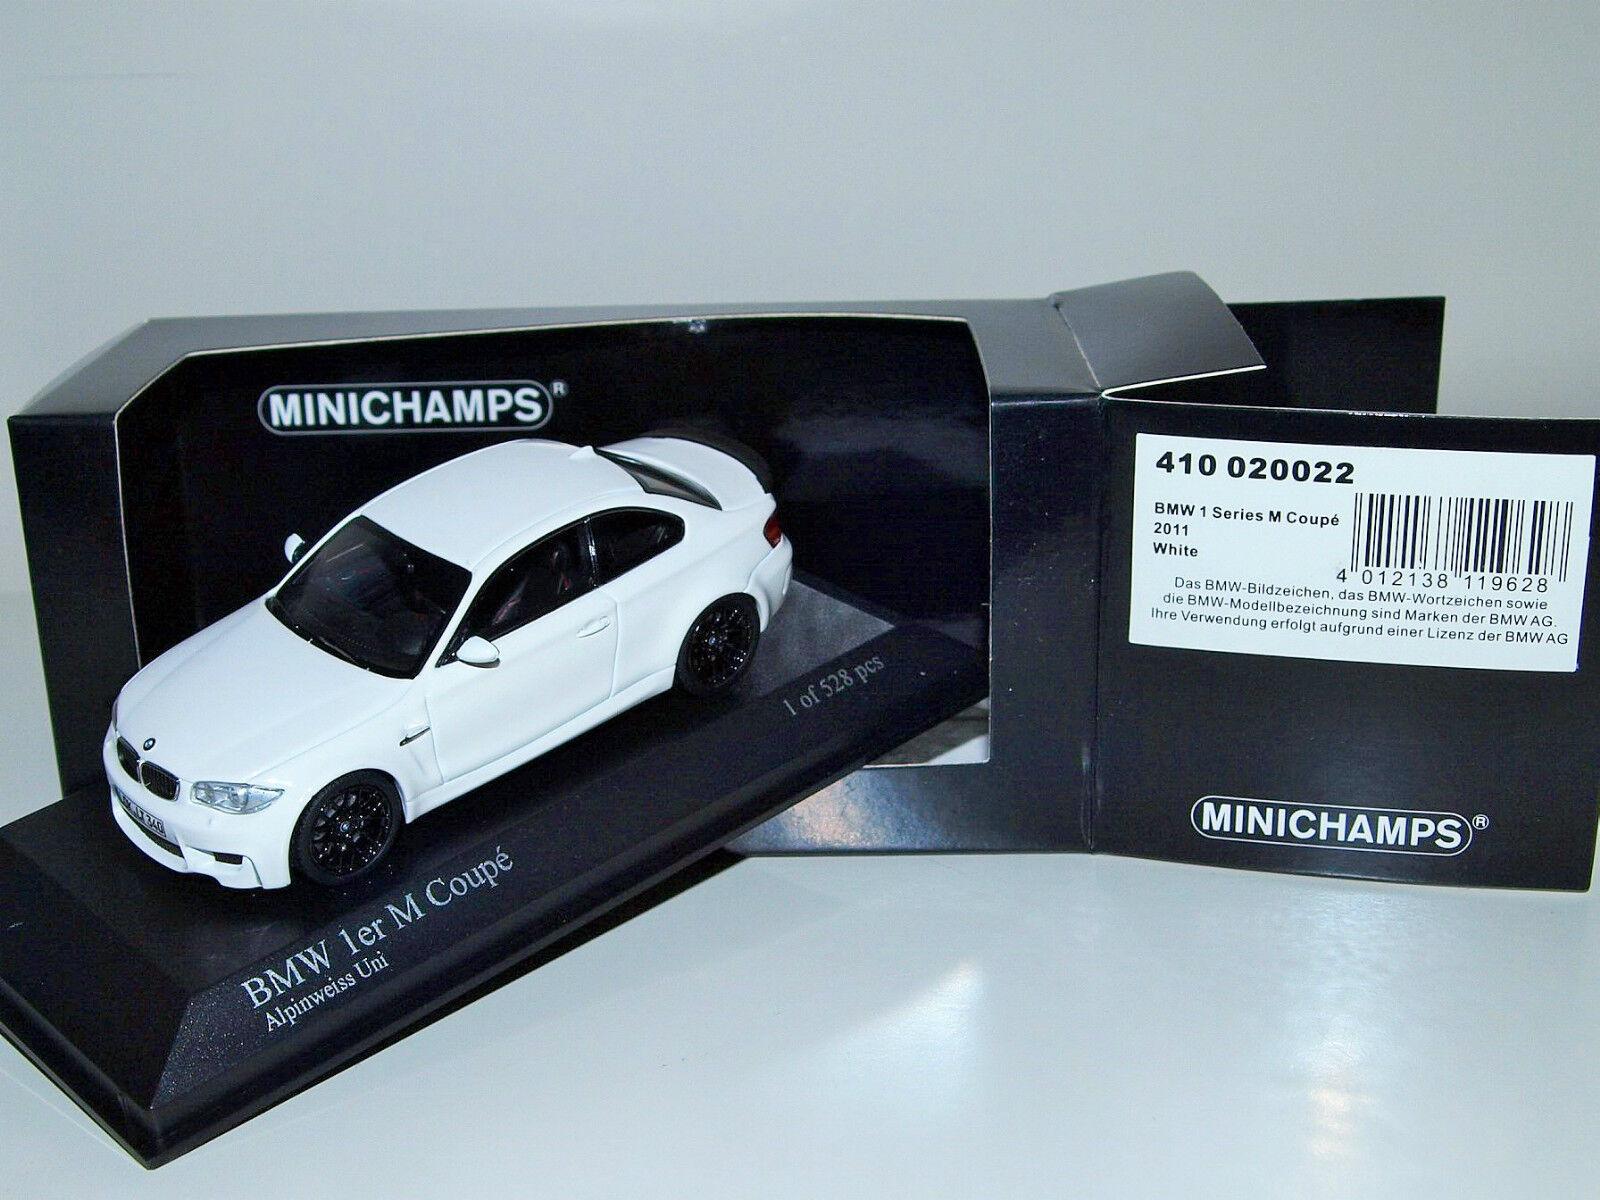 Bmw 1er m coupé 2011 zu weißen 1 528 pcs minichamps 1   43 410 020022 neue